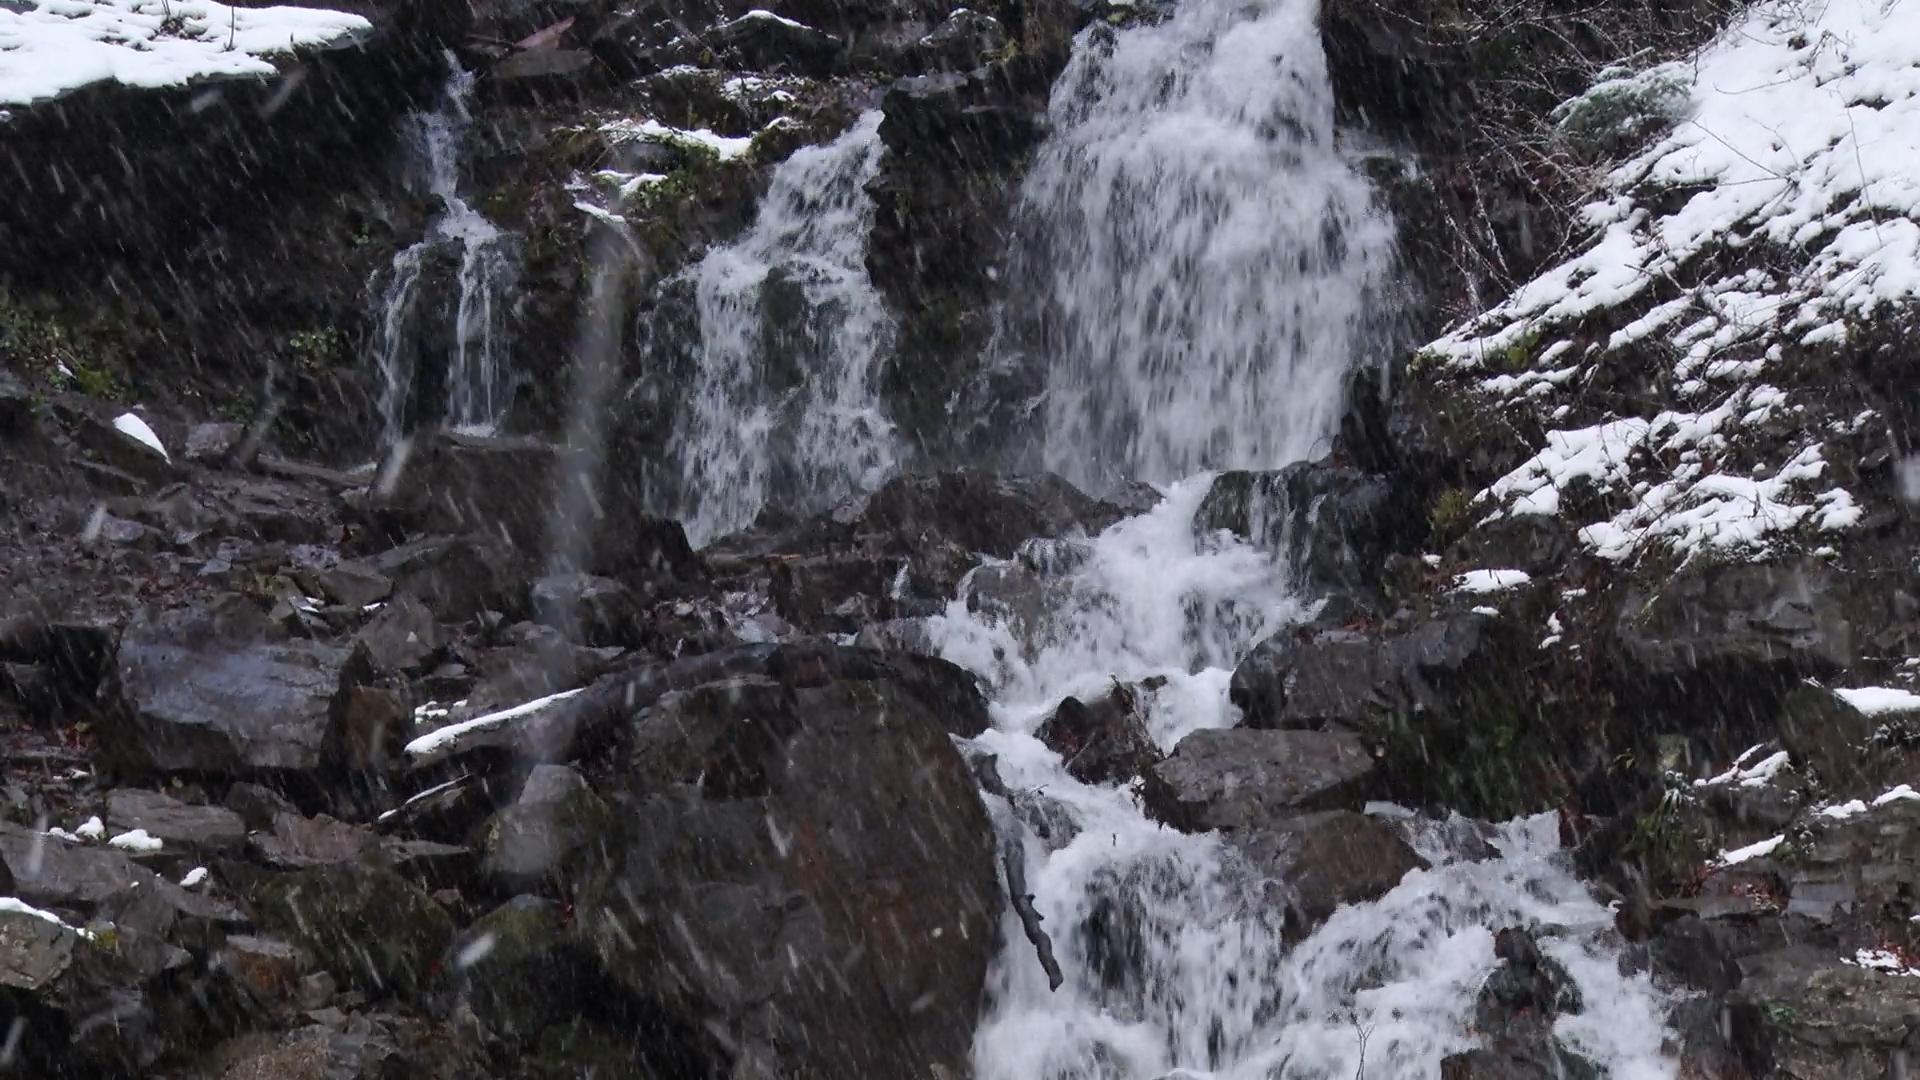 Найвищий водоспад Закарпаття облаштують новою оглядовою альтанкою (ВІДЕО)